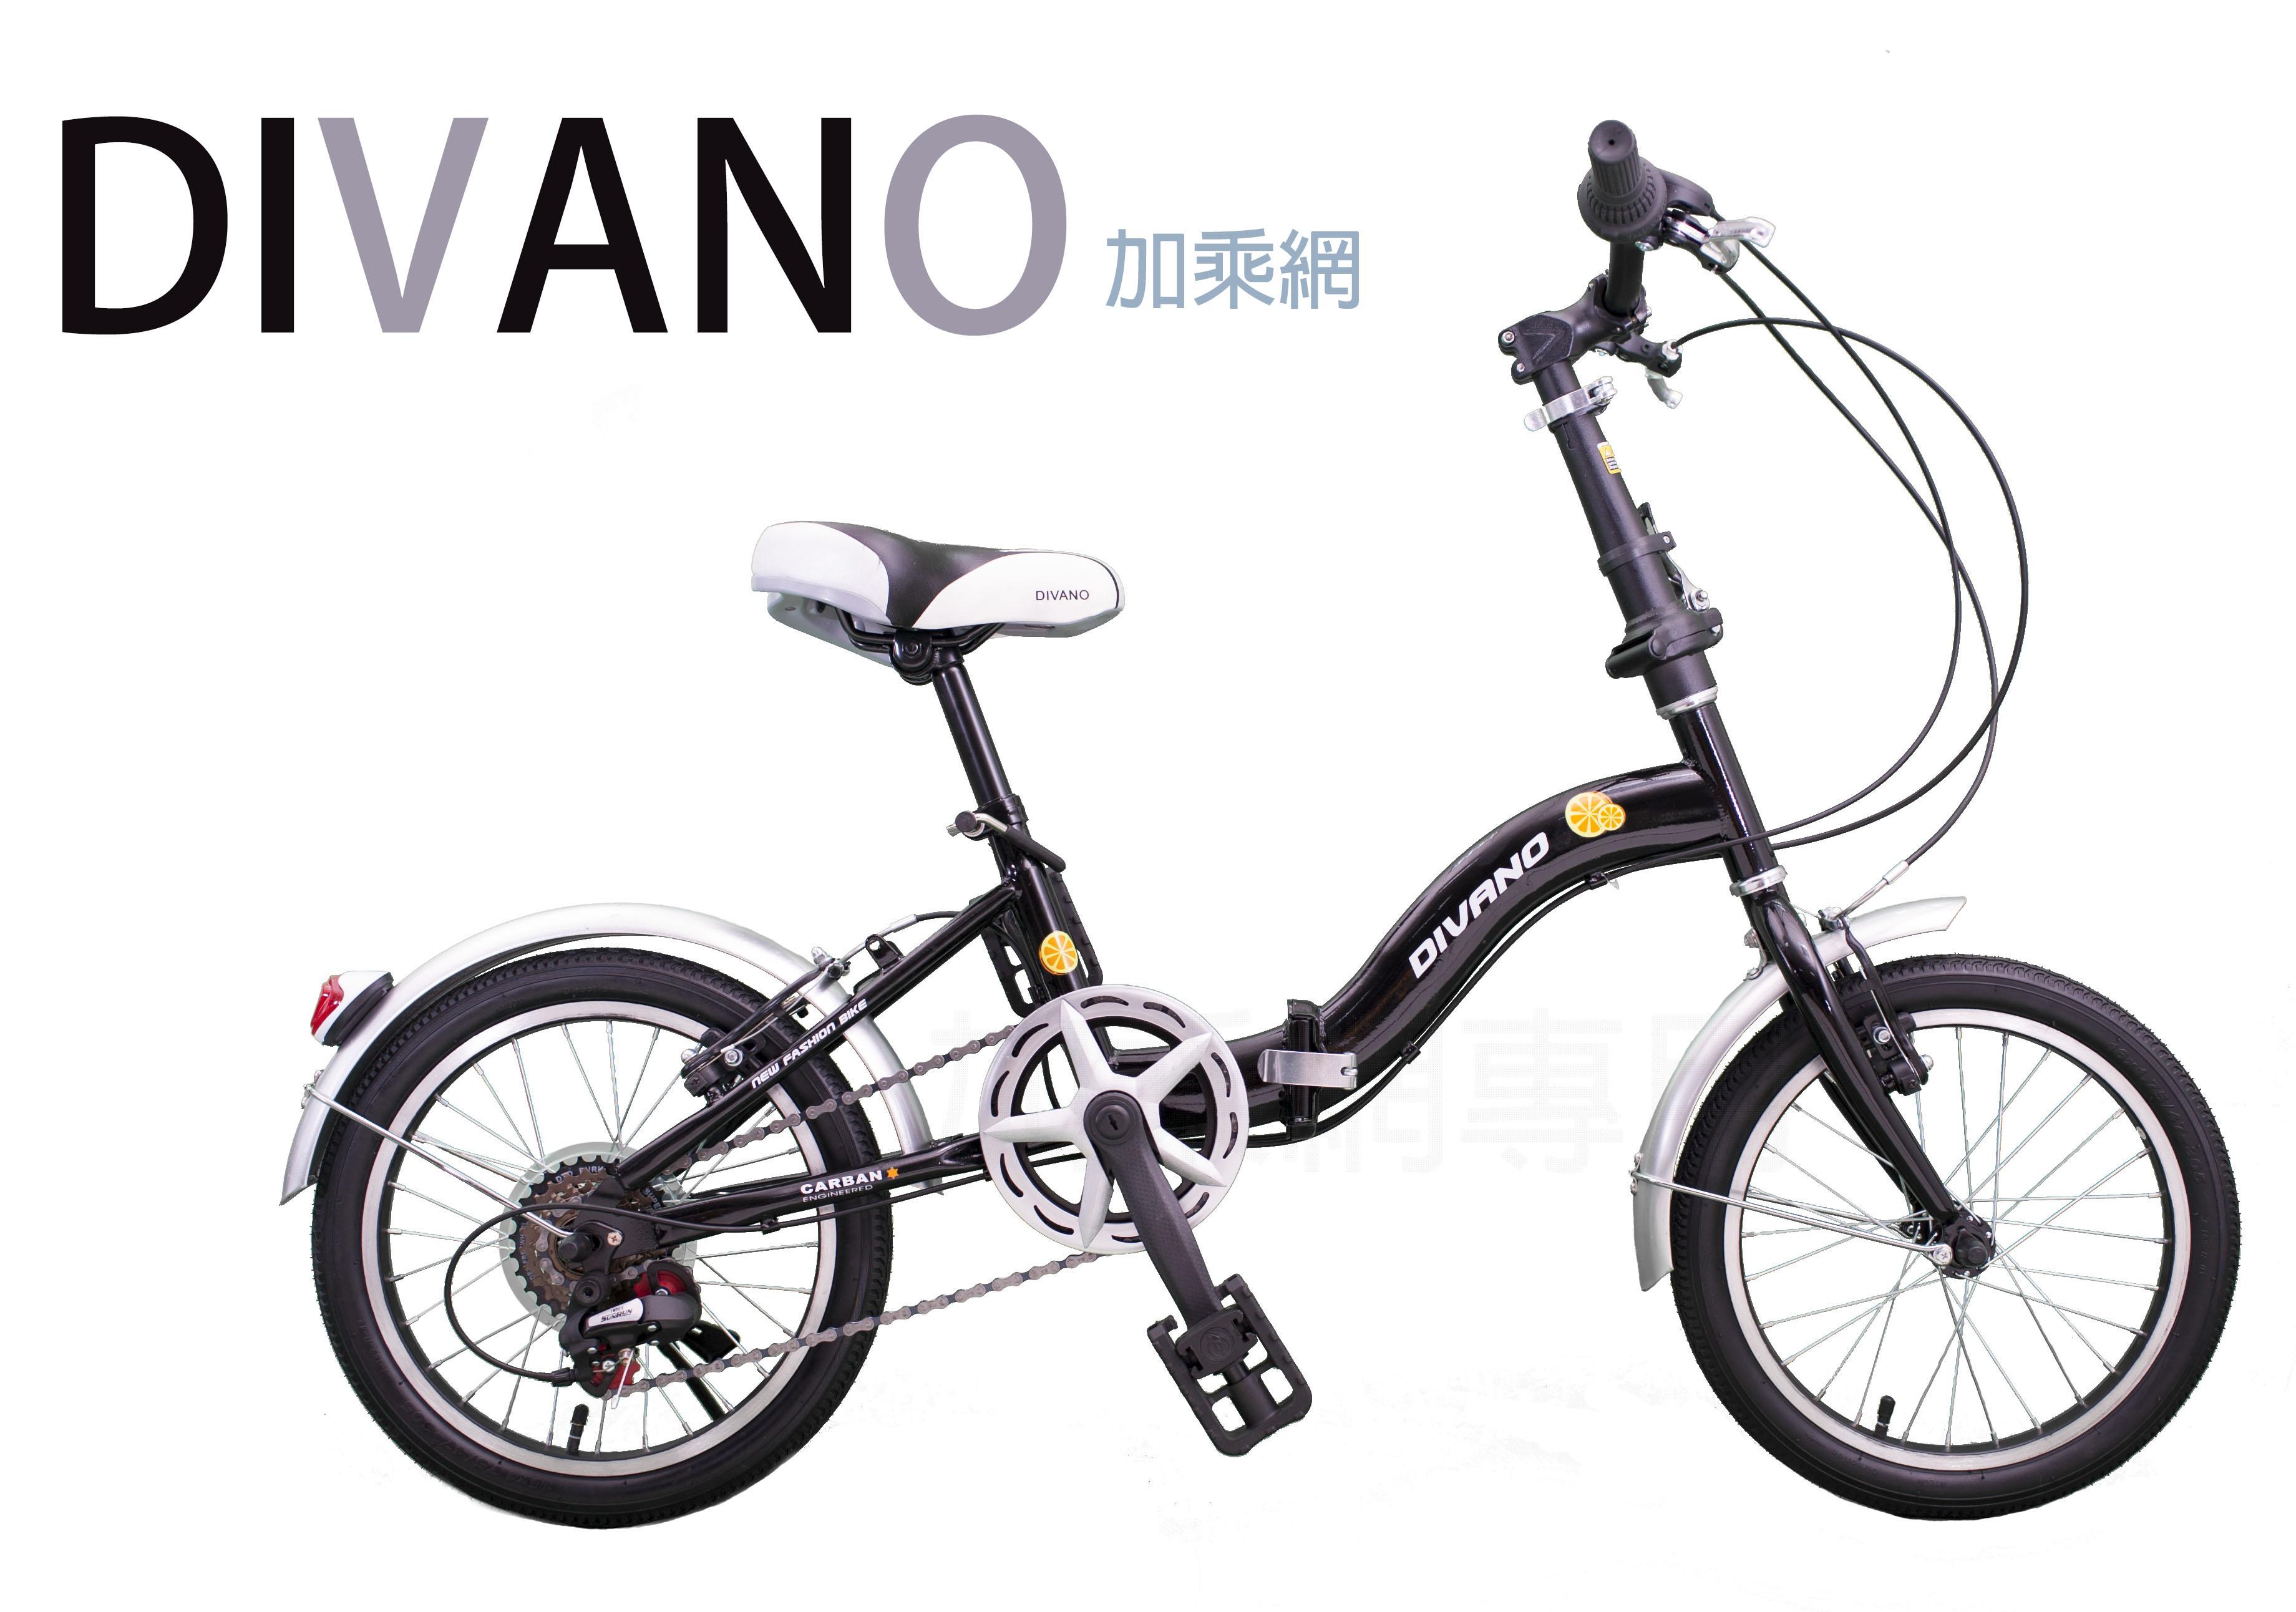 【領券再折$120】DIVANO 摺疊自行車16吋日本6速轉把 -SHIMANO後變速器 基本款小摺 通勤 代步 都市騎乘 自行車 腳踏車 單車 防疫新生活 【加乘網】